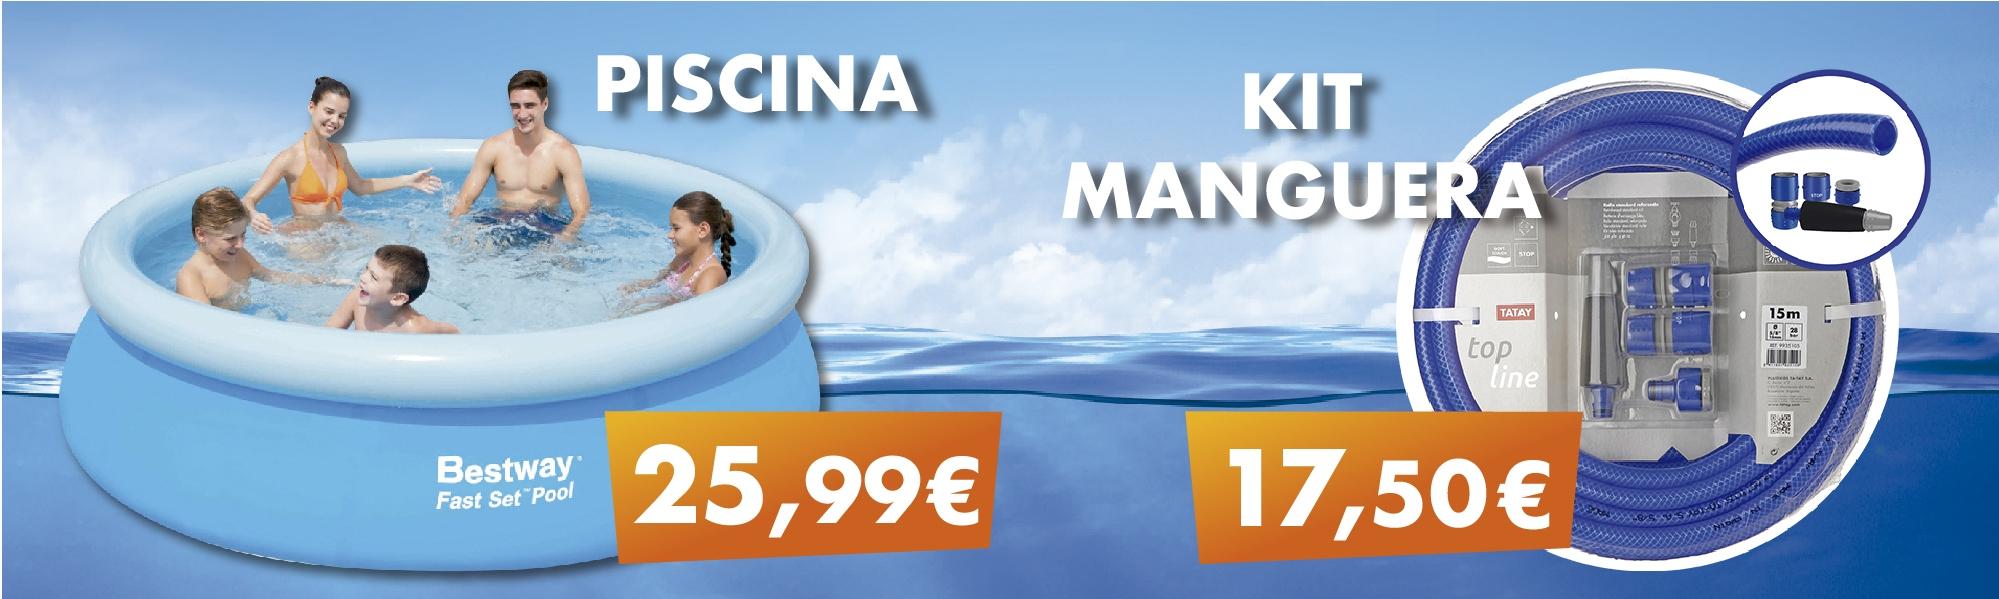 piscina kit manguera veranito